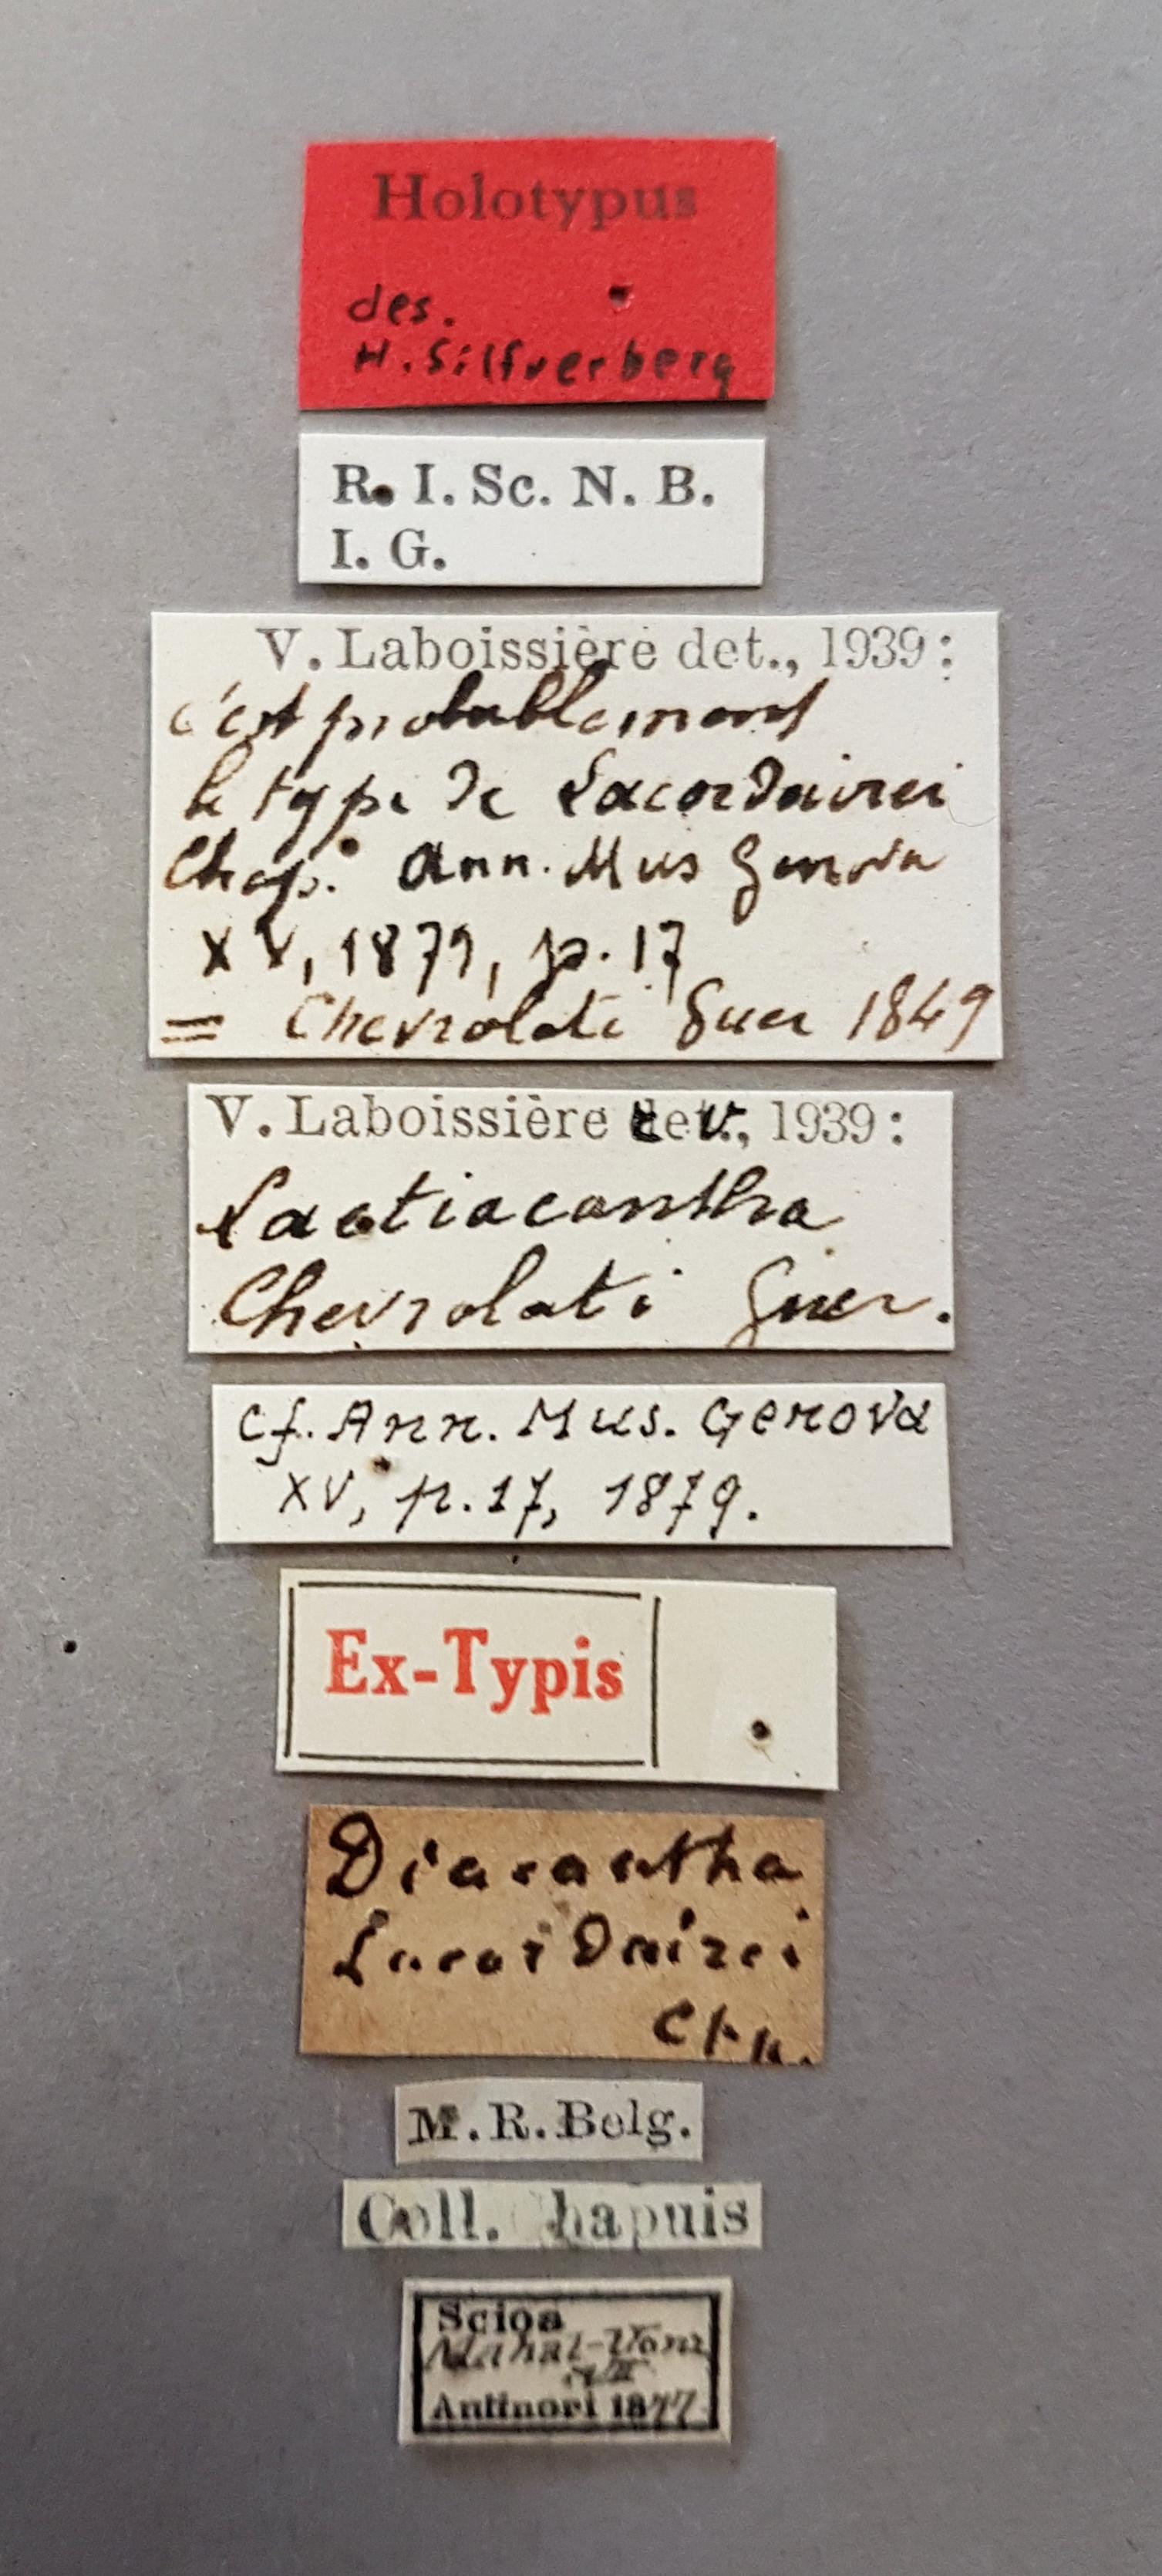 Laetiacantha chevrolati ht Lb.jpg